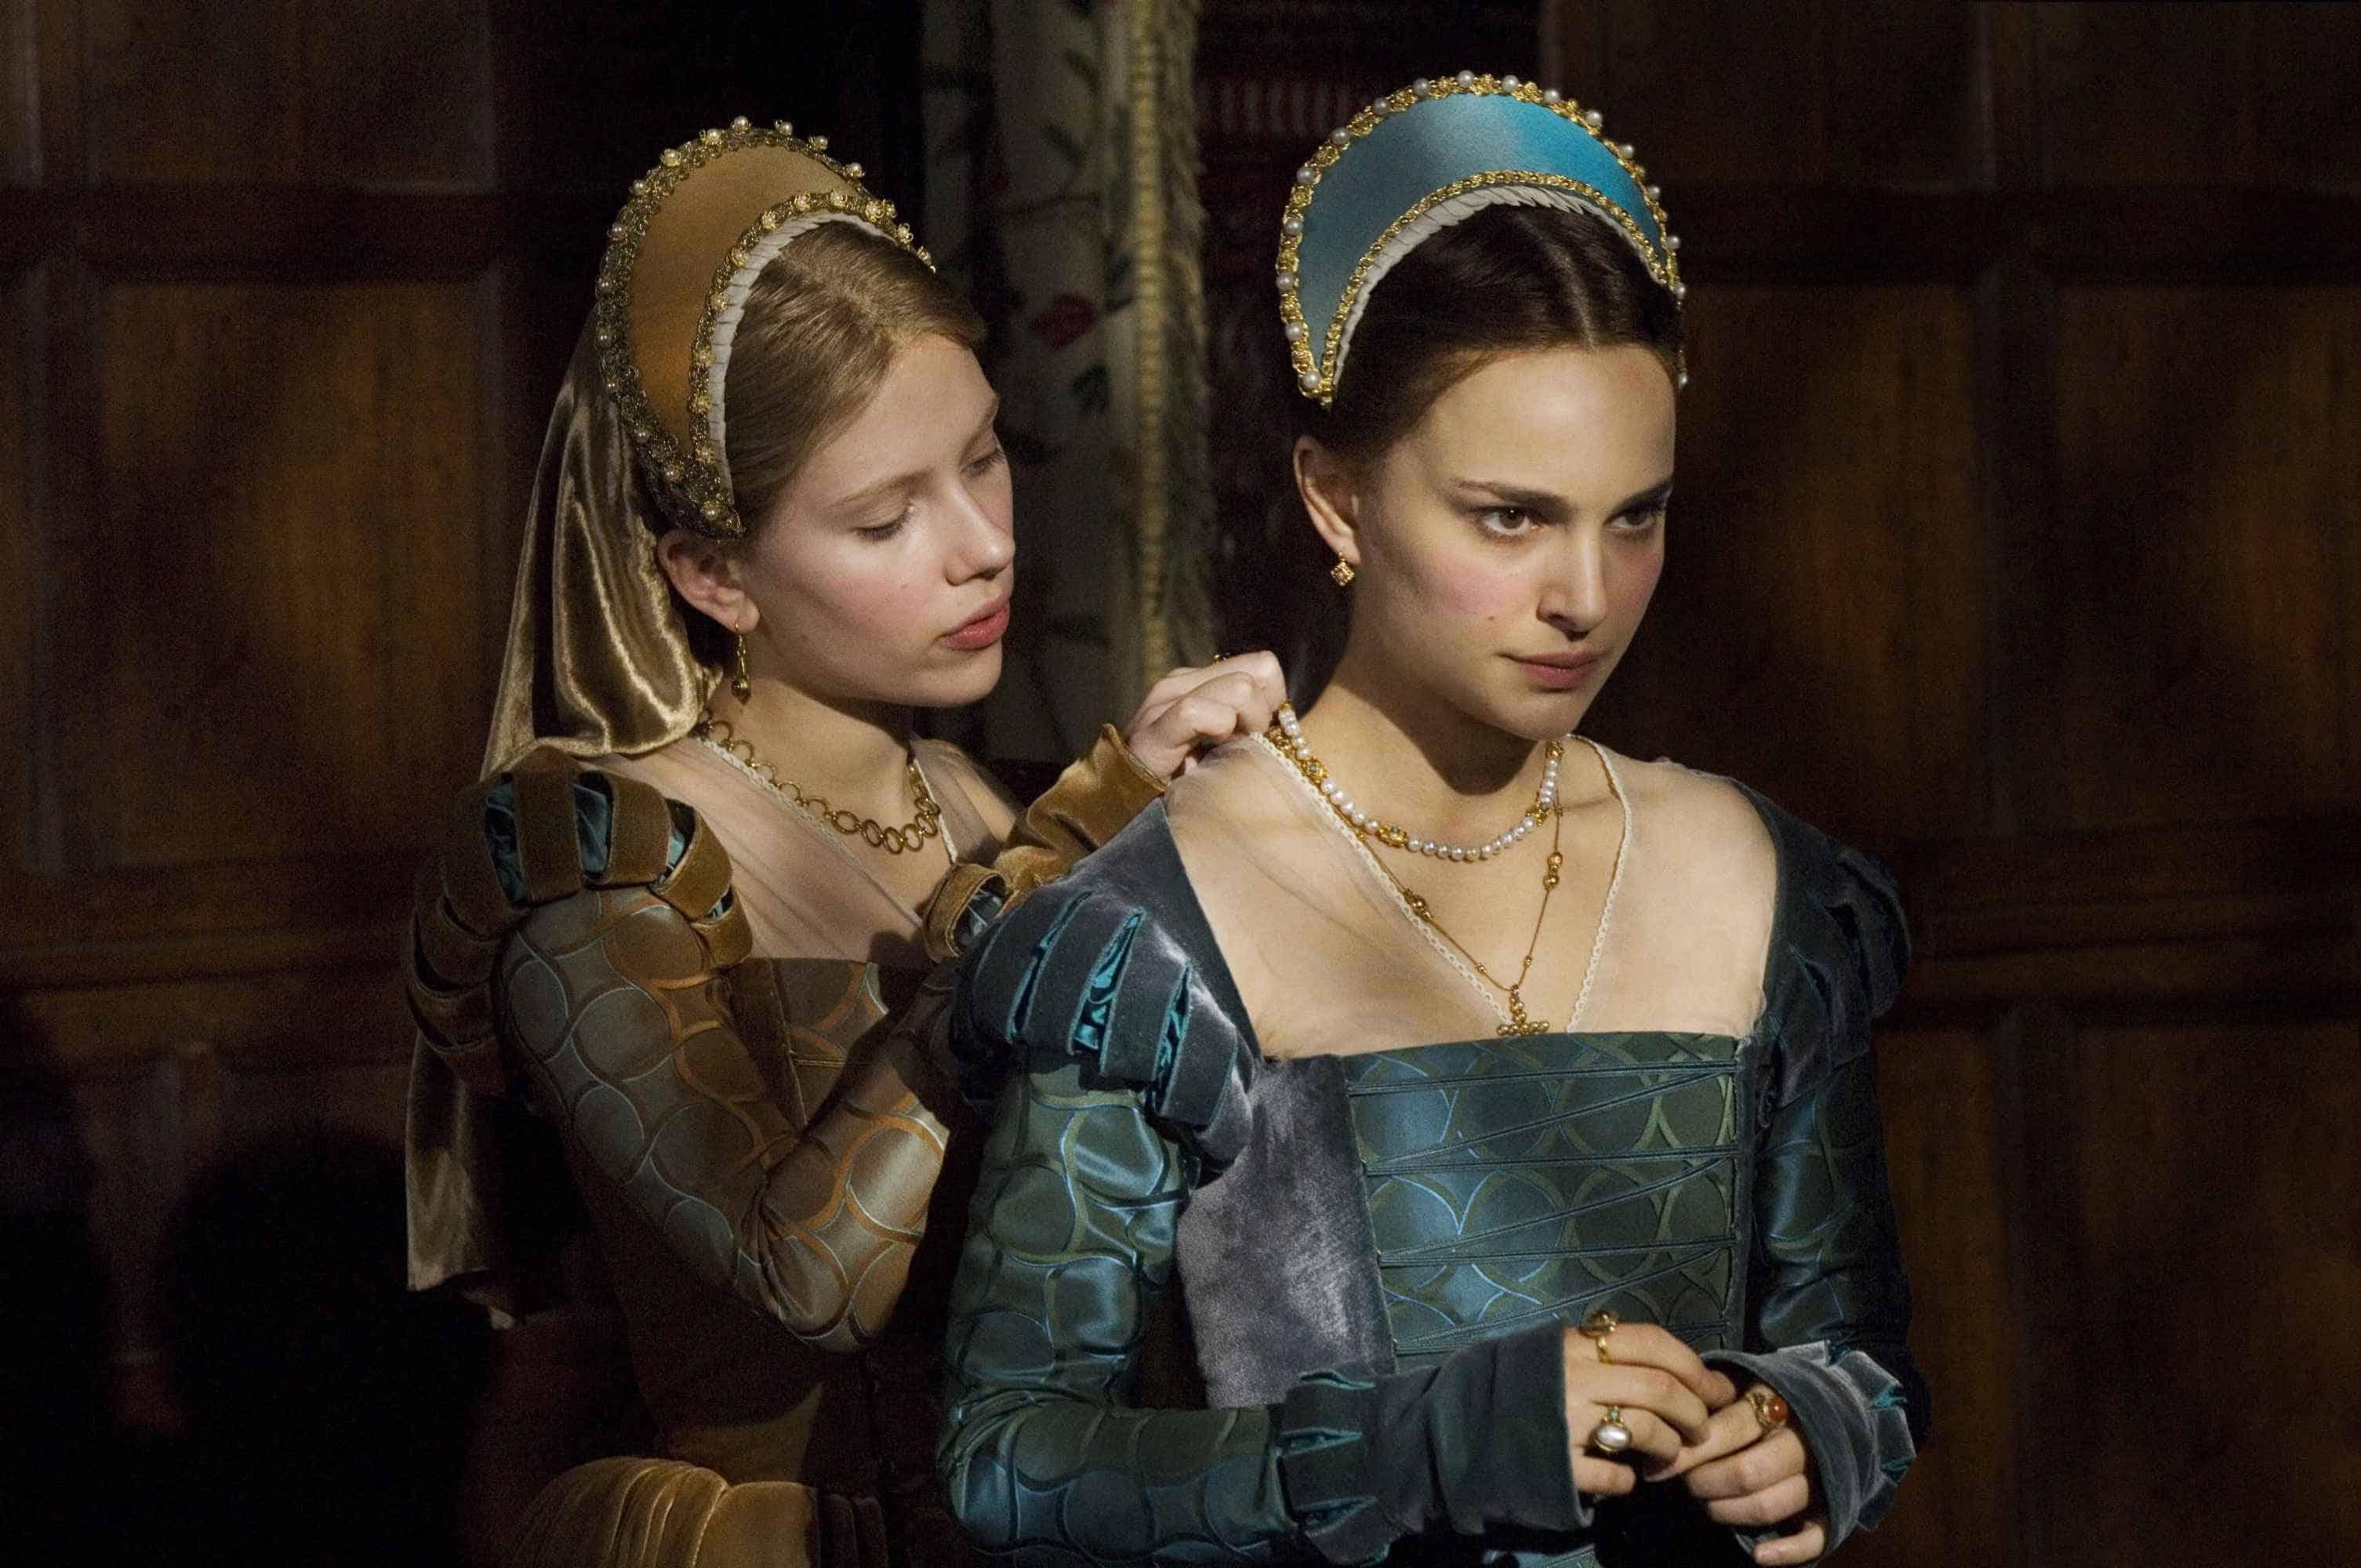 Kostuums van voor Scarlett Johansson and Natalie Portman